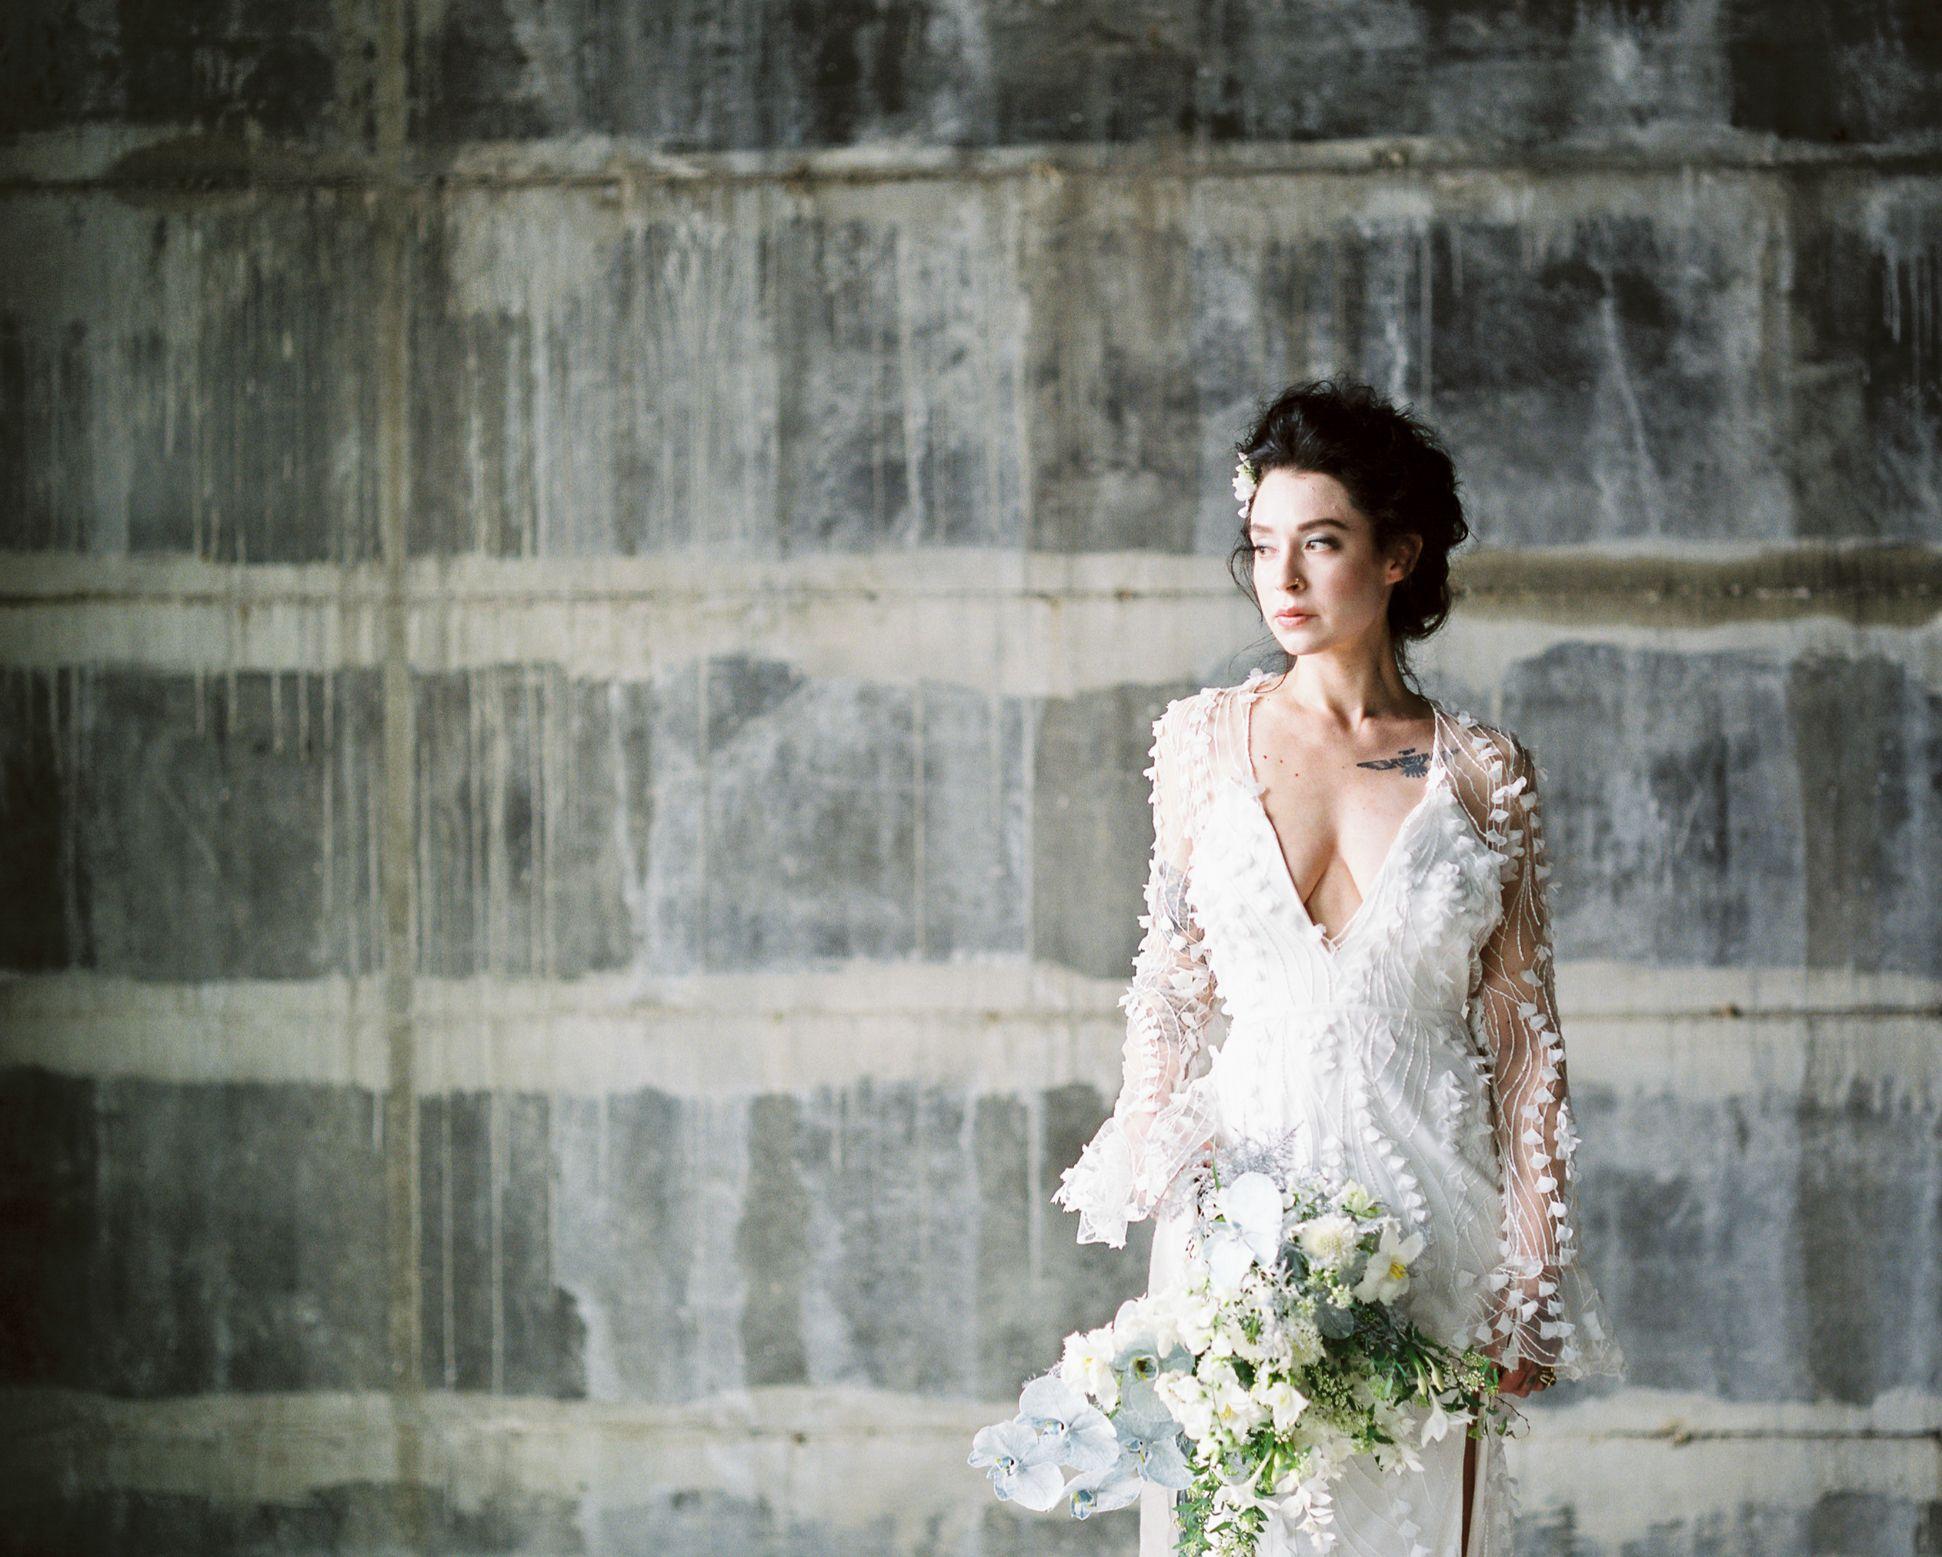 olio-peabody-boston-lesbian-wedding-style-daylynn-designs7 2.jpg